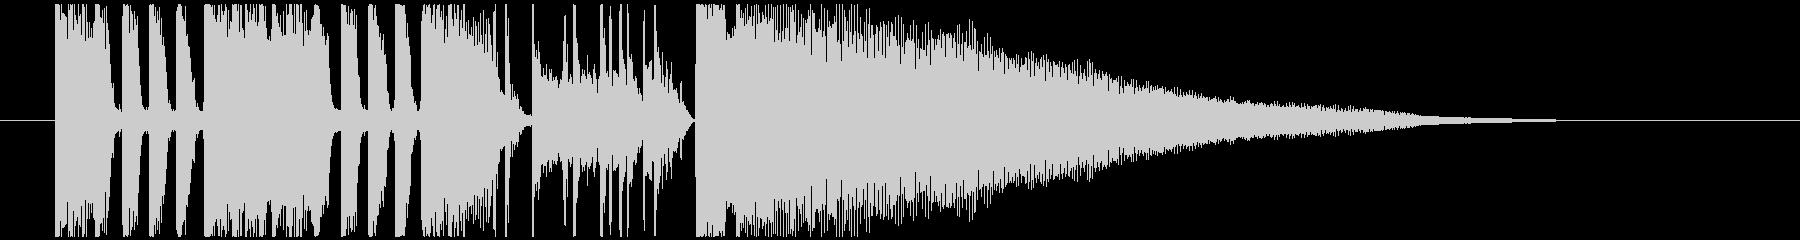 キレの良いファンクなジングル・BGMの未再生の波形